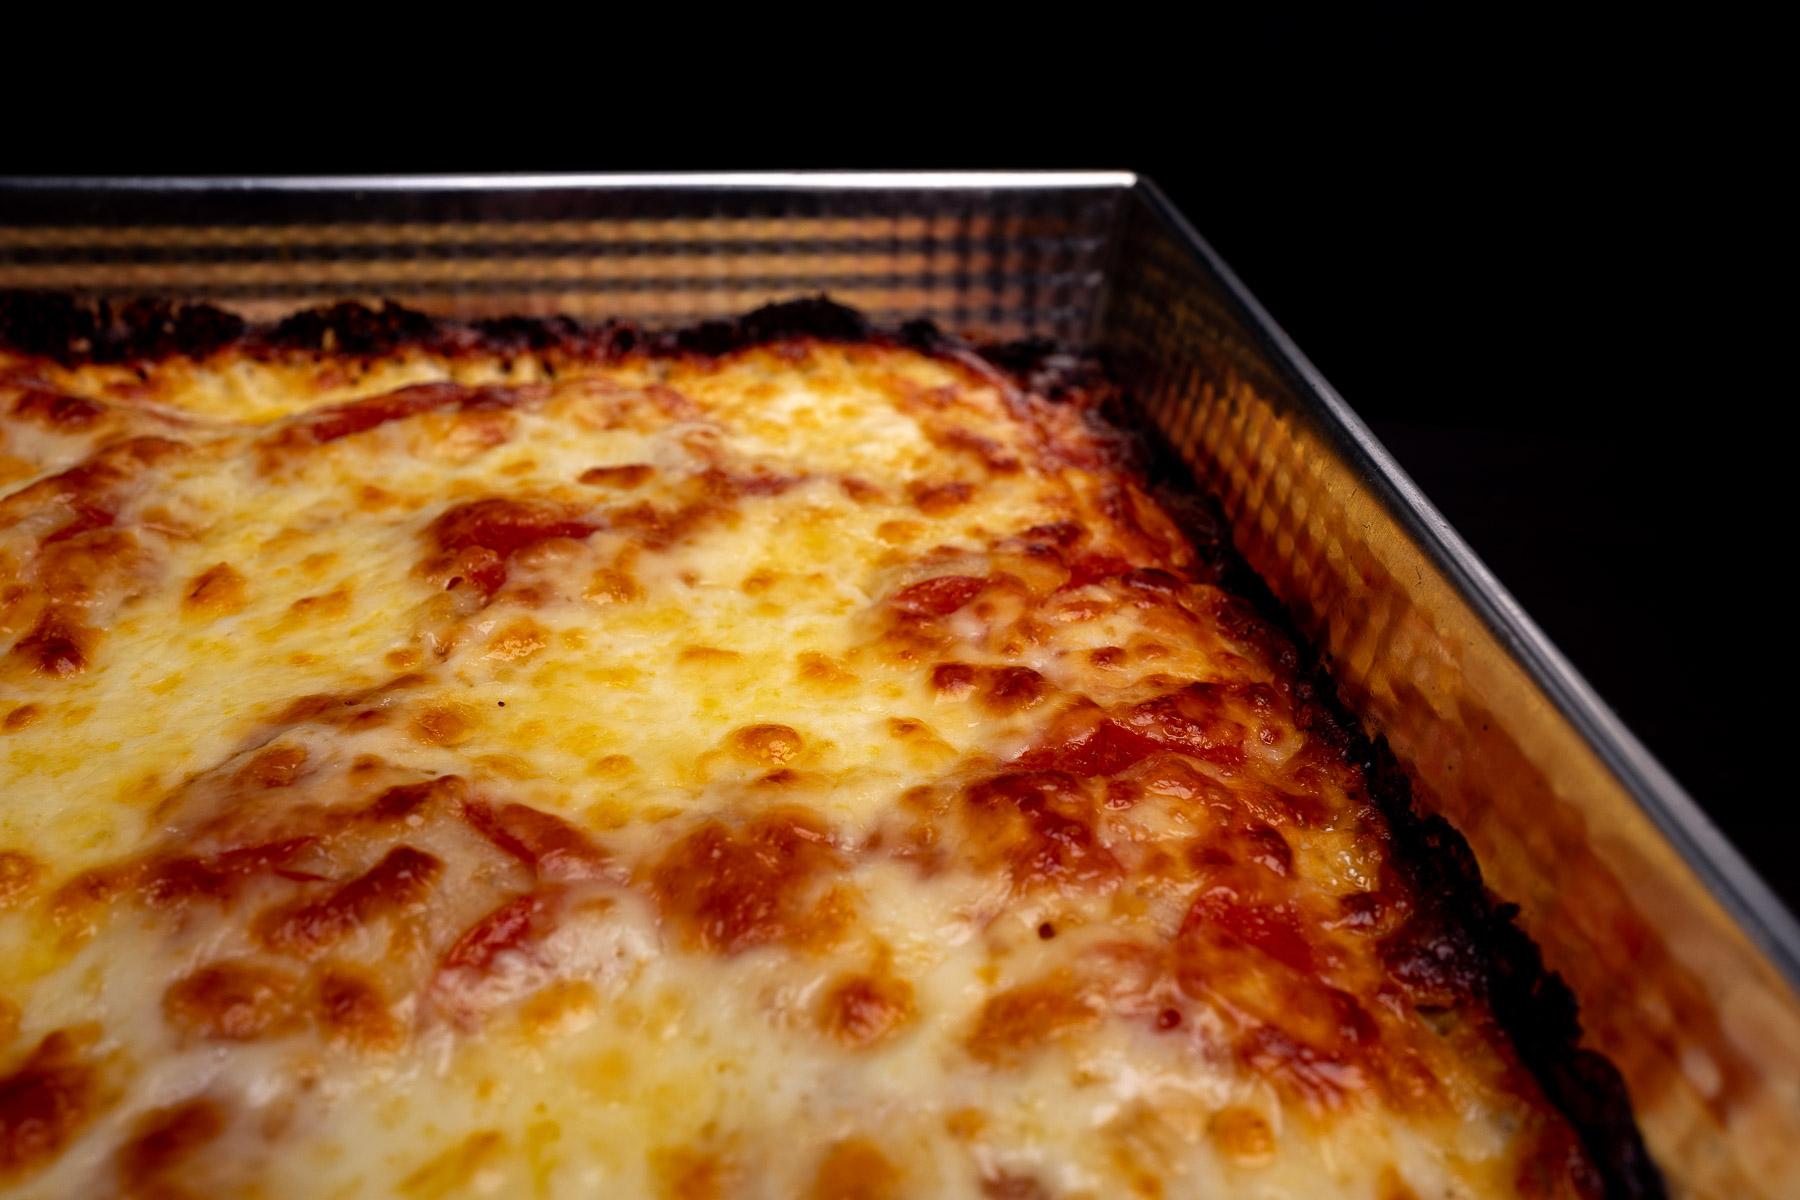 przypieczone brzegi pizzy (nie są spalone/gorzkie, takie mają być!)